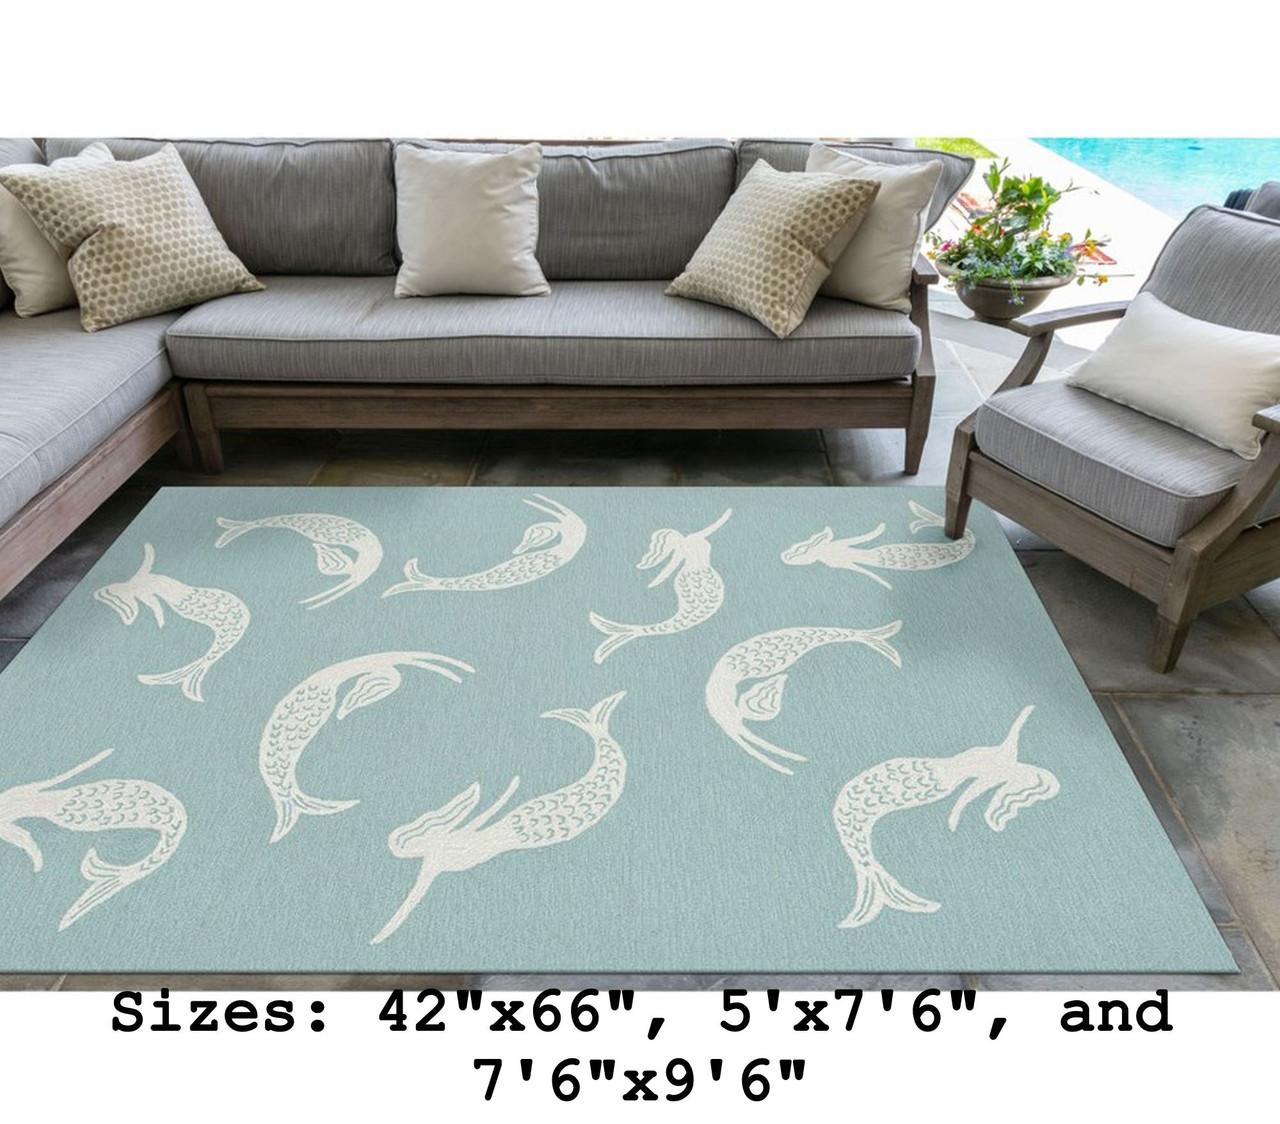 Aqua Capri Mermaids Indoor/Outdoor Rug -  Large Rectangle Indoor Lifestyle